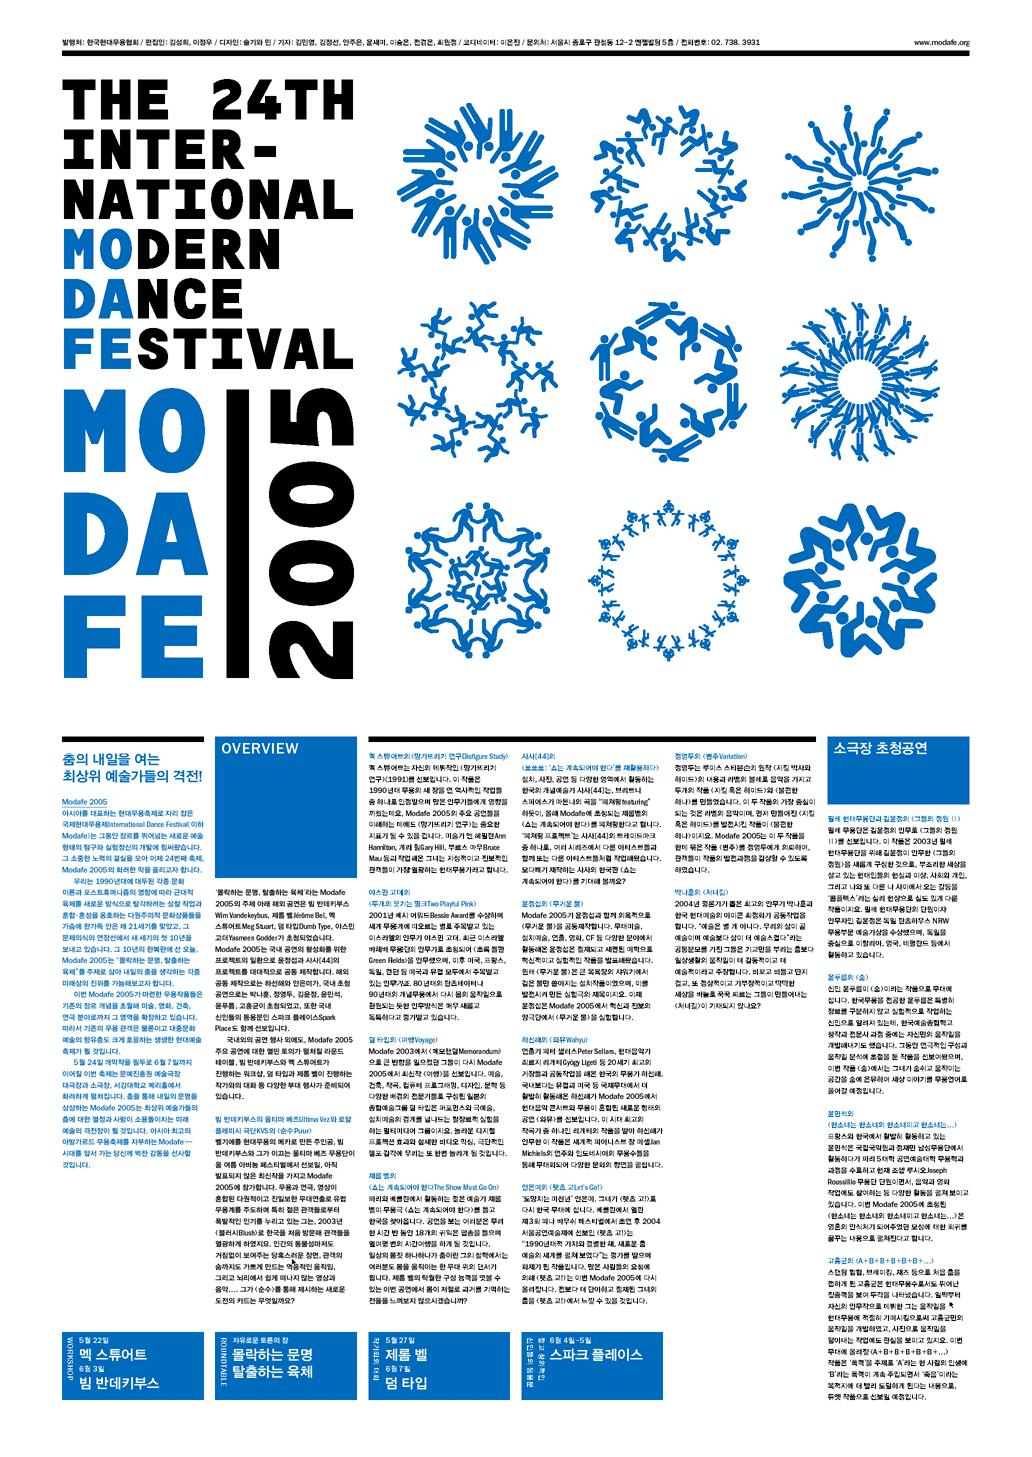 Modafe 2005: Newsletter